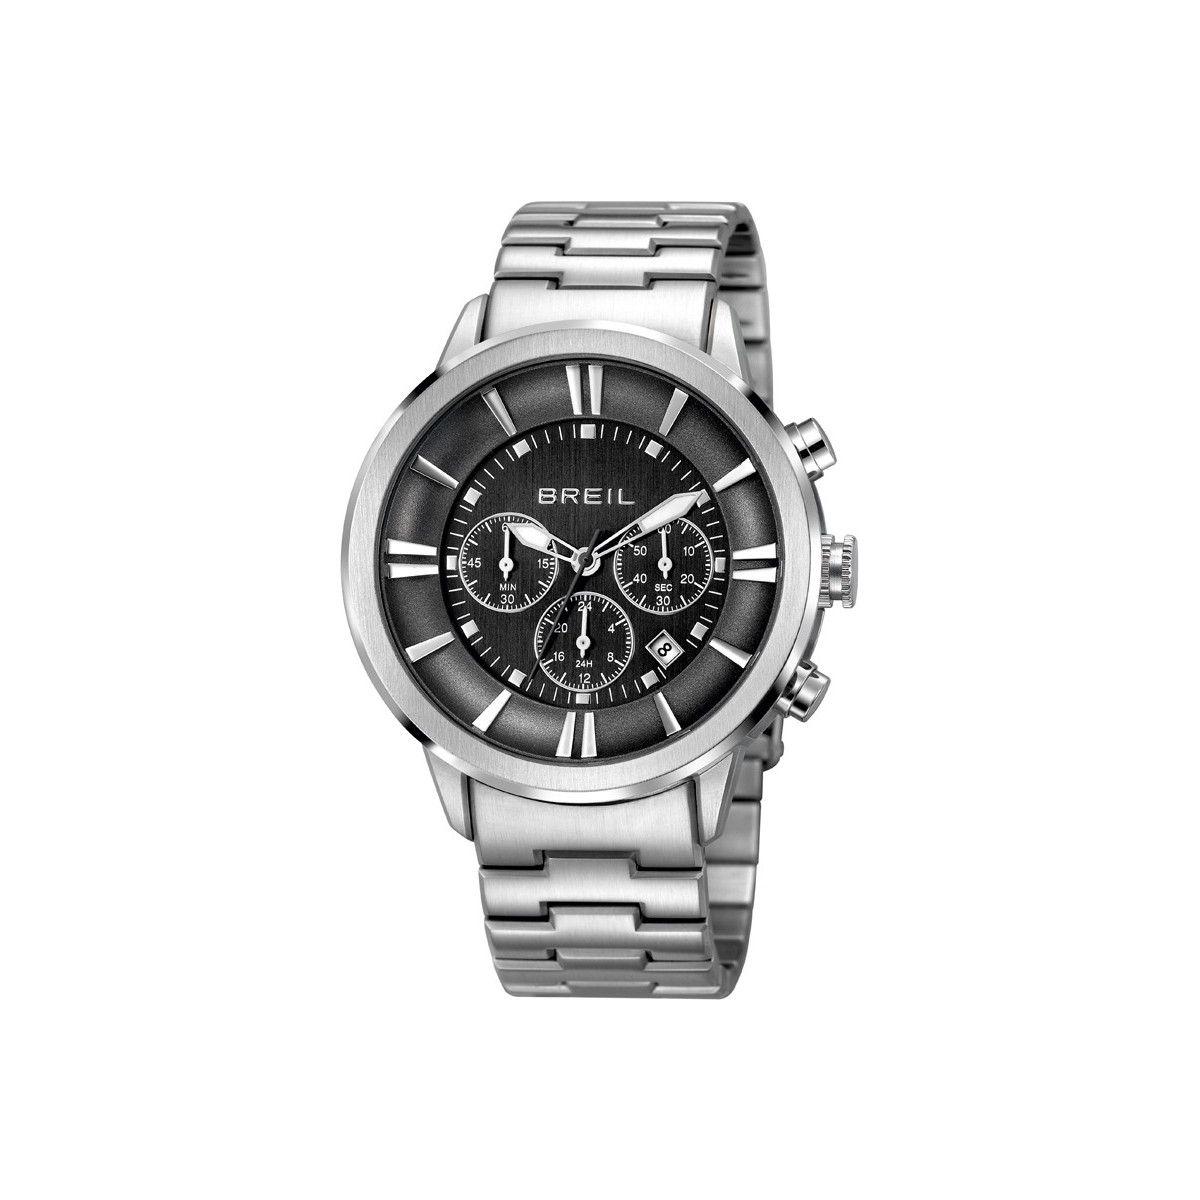 Orologio cronografo Deep con quadrante antracite con dettagli silver. Pensato per un uomo dalla personalità intensa e penetrante